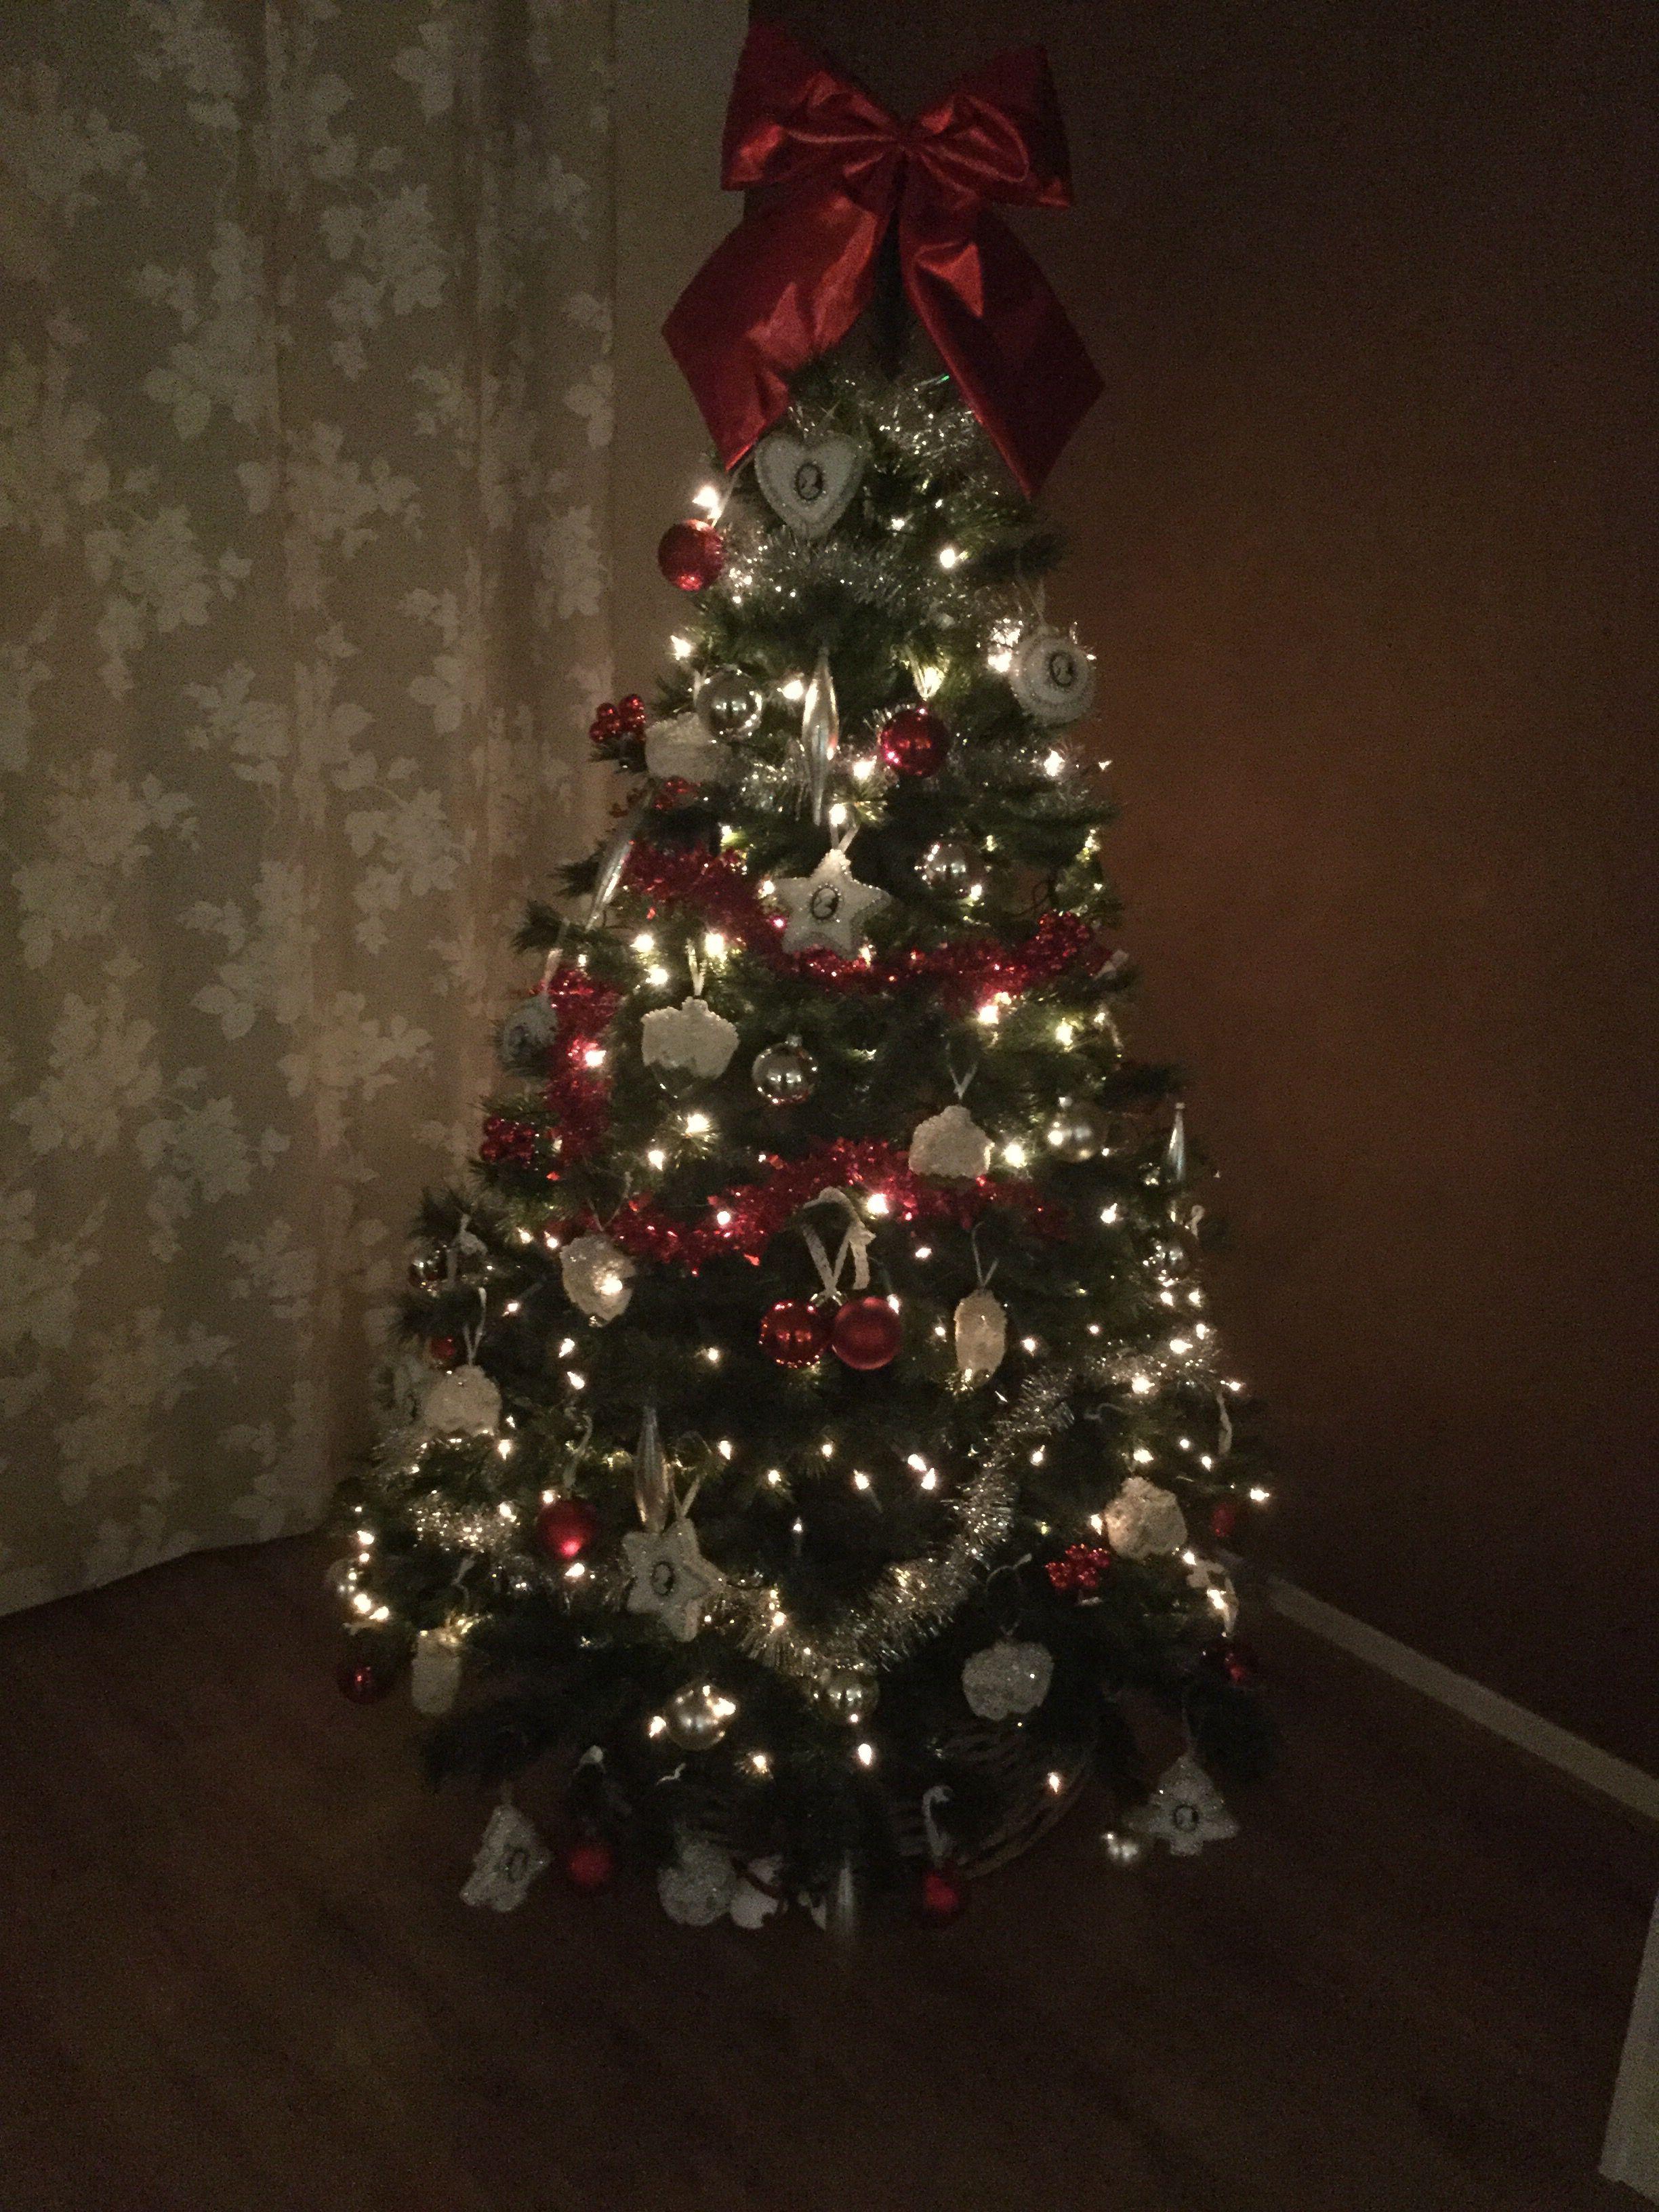 Kerstboom 2015 Rood Wit En Zilver Kerst Kerstboom